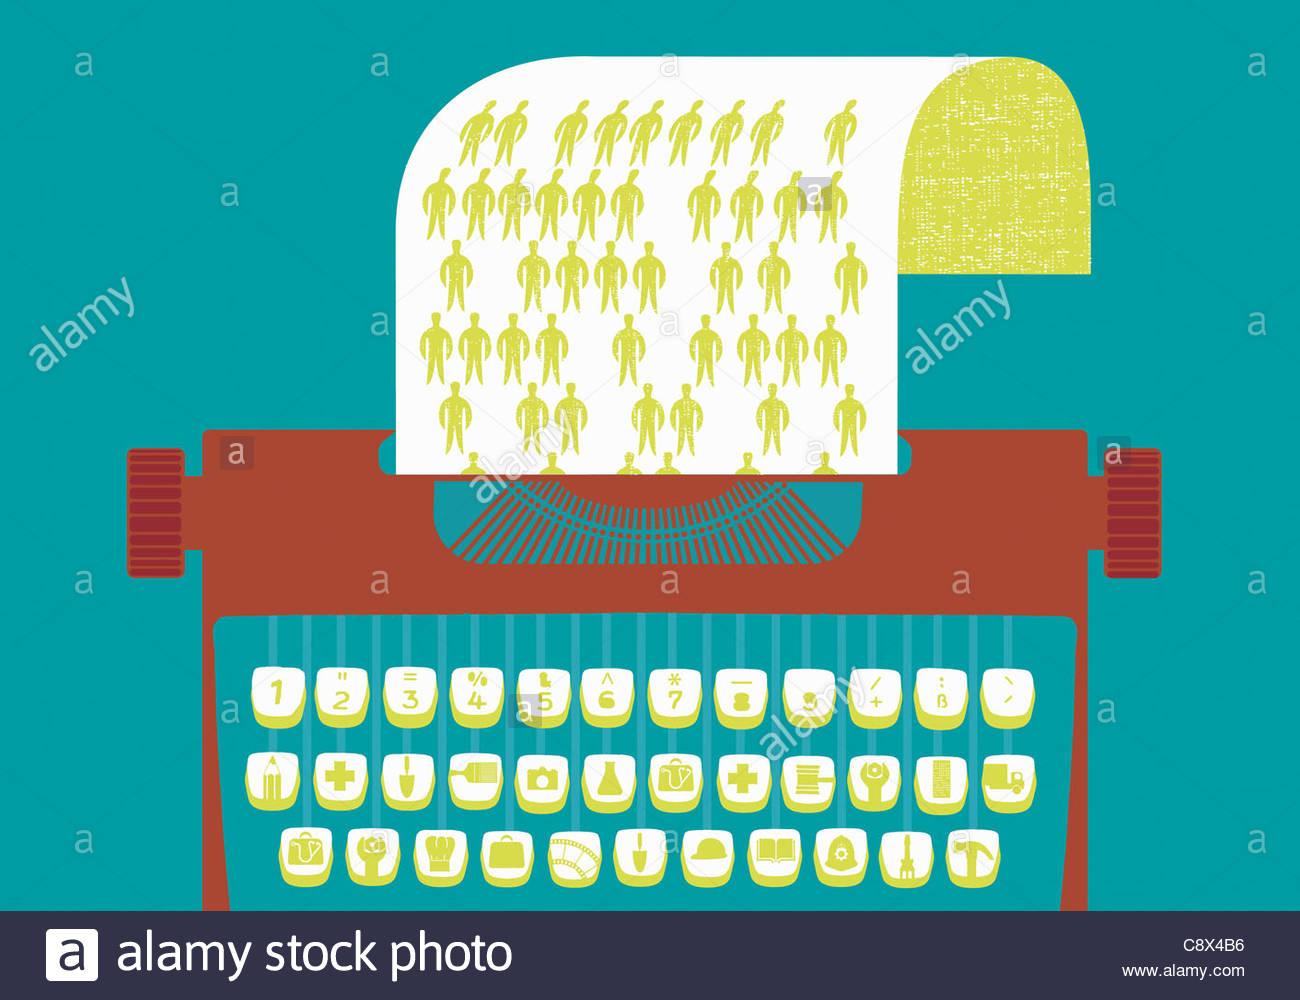 Nastri inchiostratori per macchine da scrivere con i tasti grafici che rappresentano le occupazioni Immagini Stock